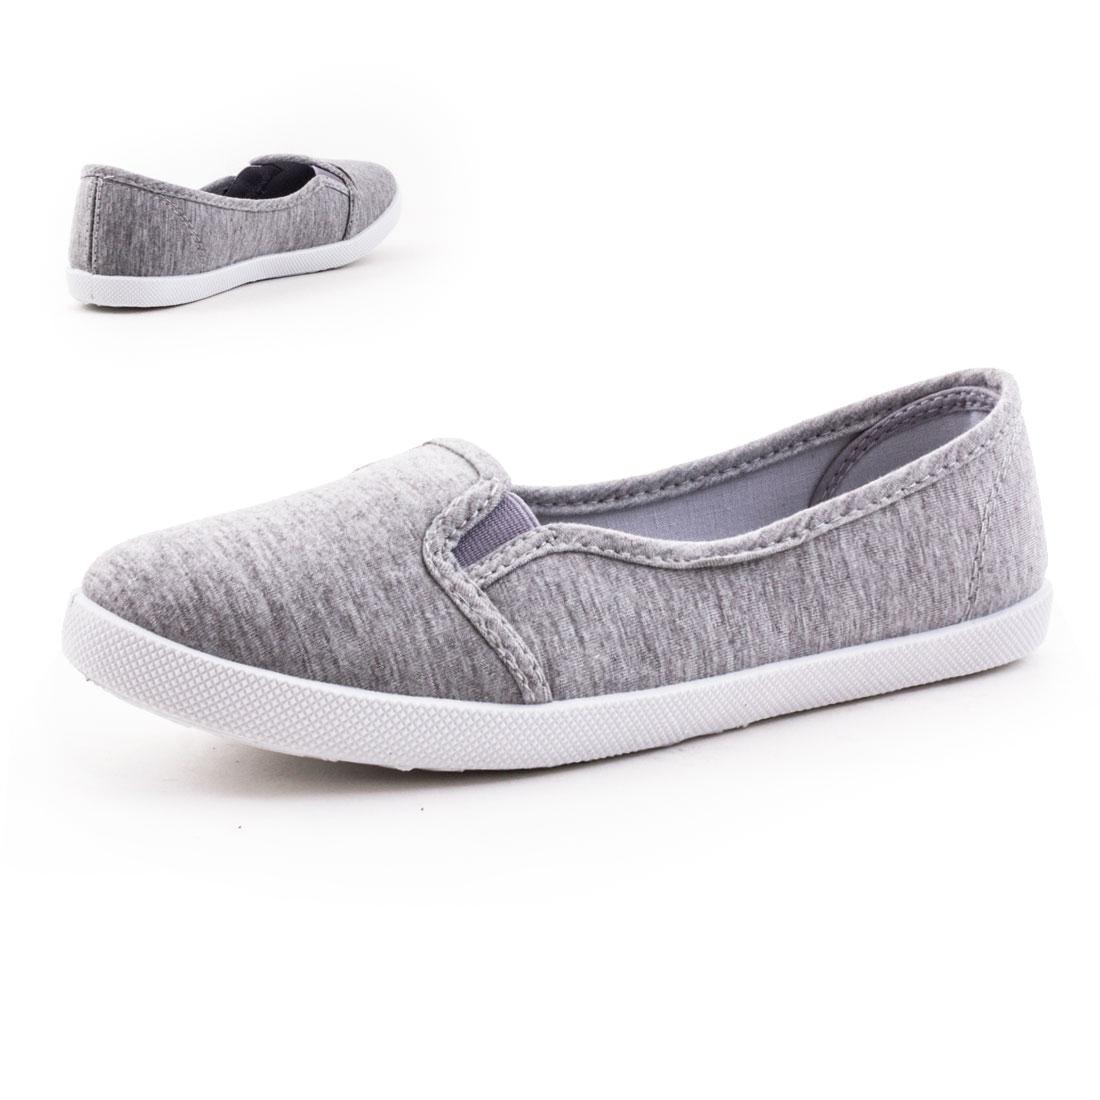 neu damen sneaker sommer ballerinas slipper schuhe gr 36. Black Bedroom Furniture Sets. Home Design Ideas